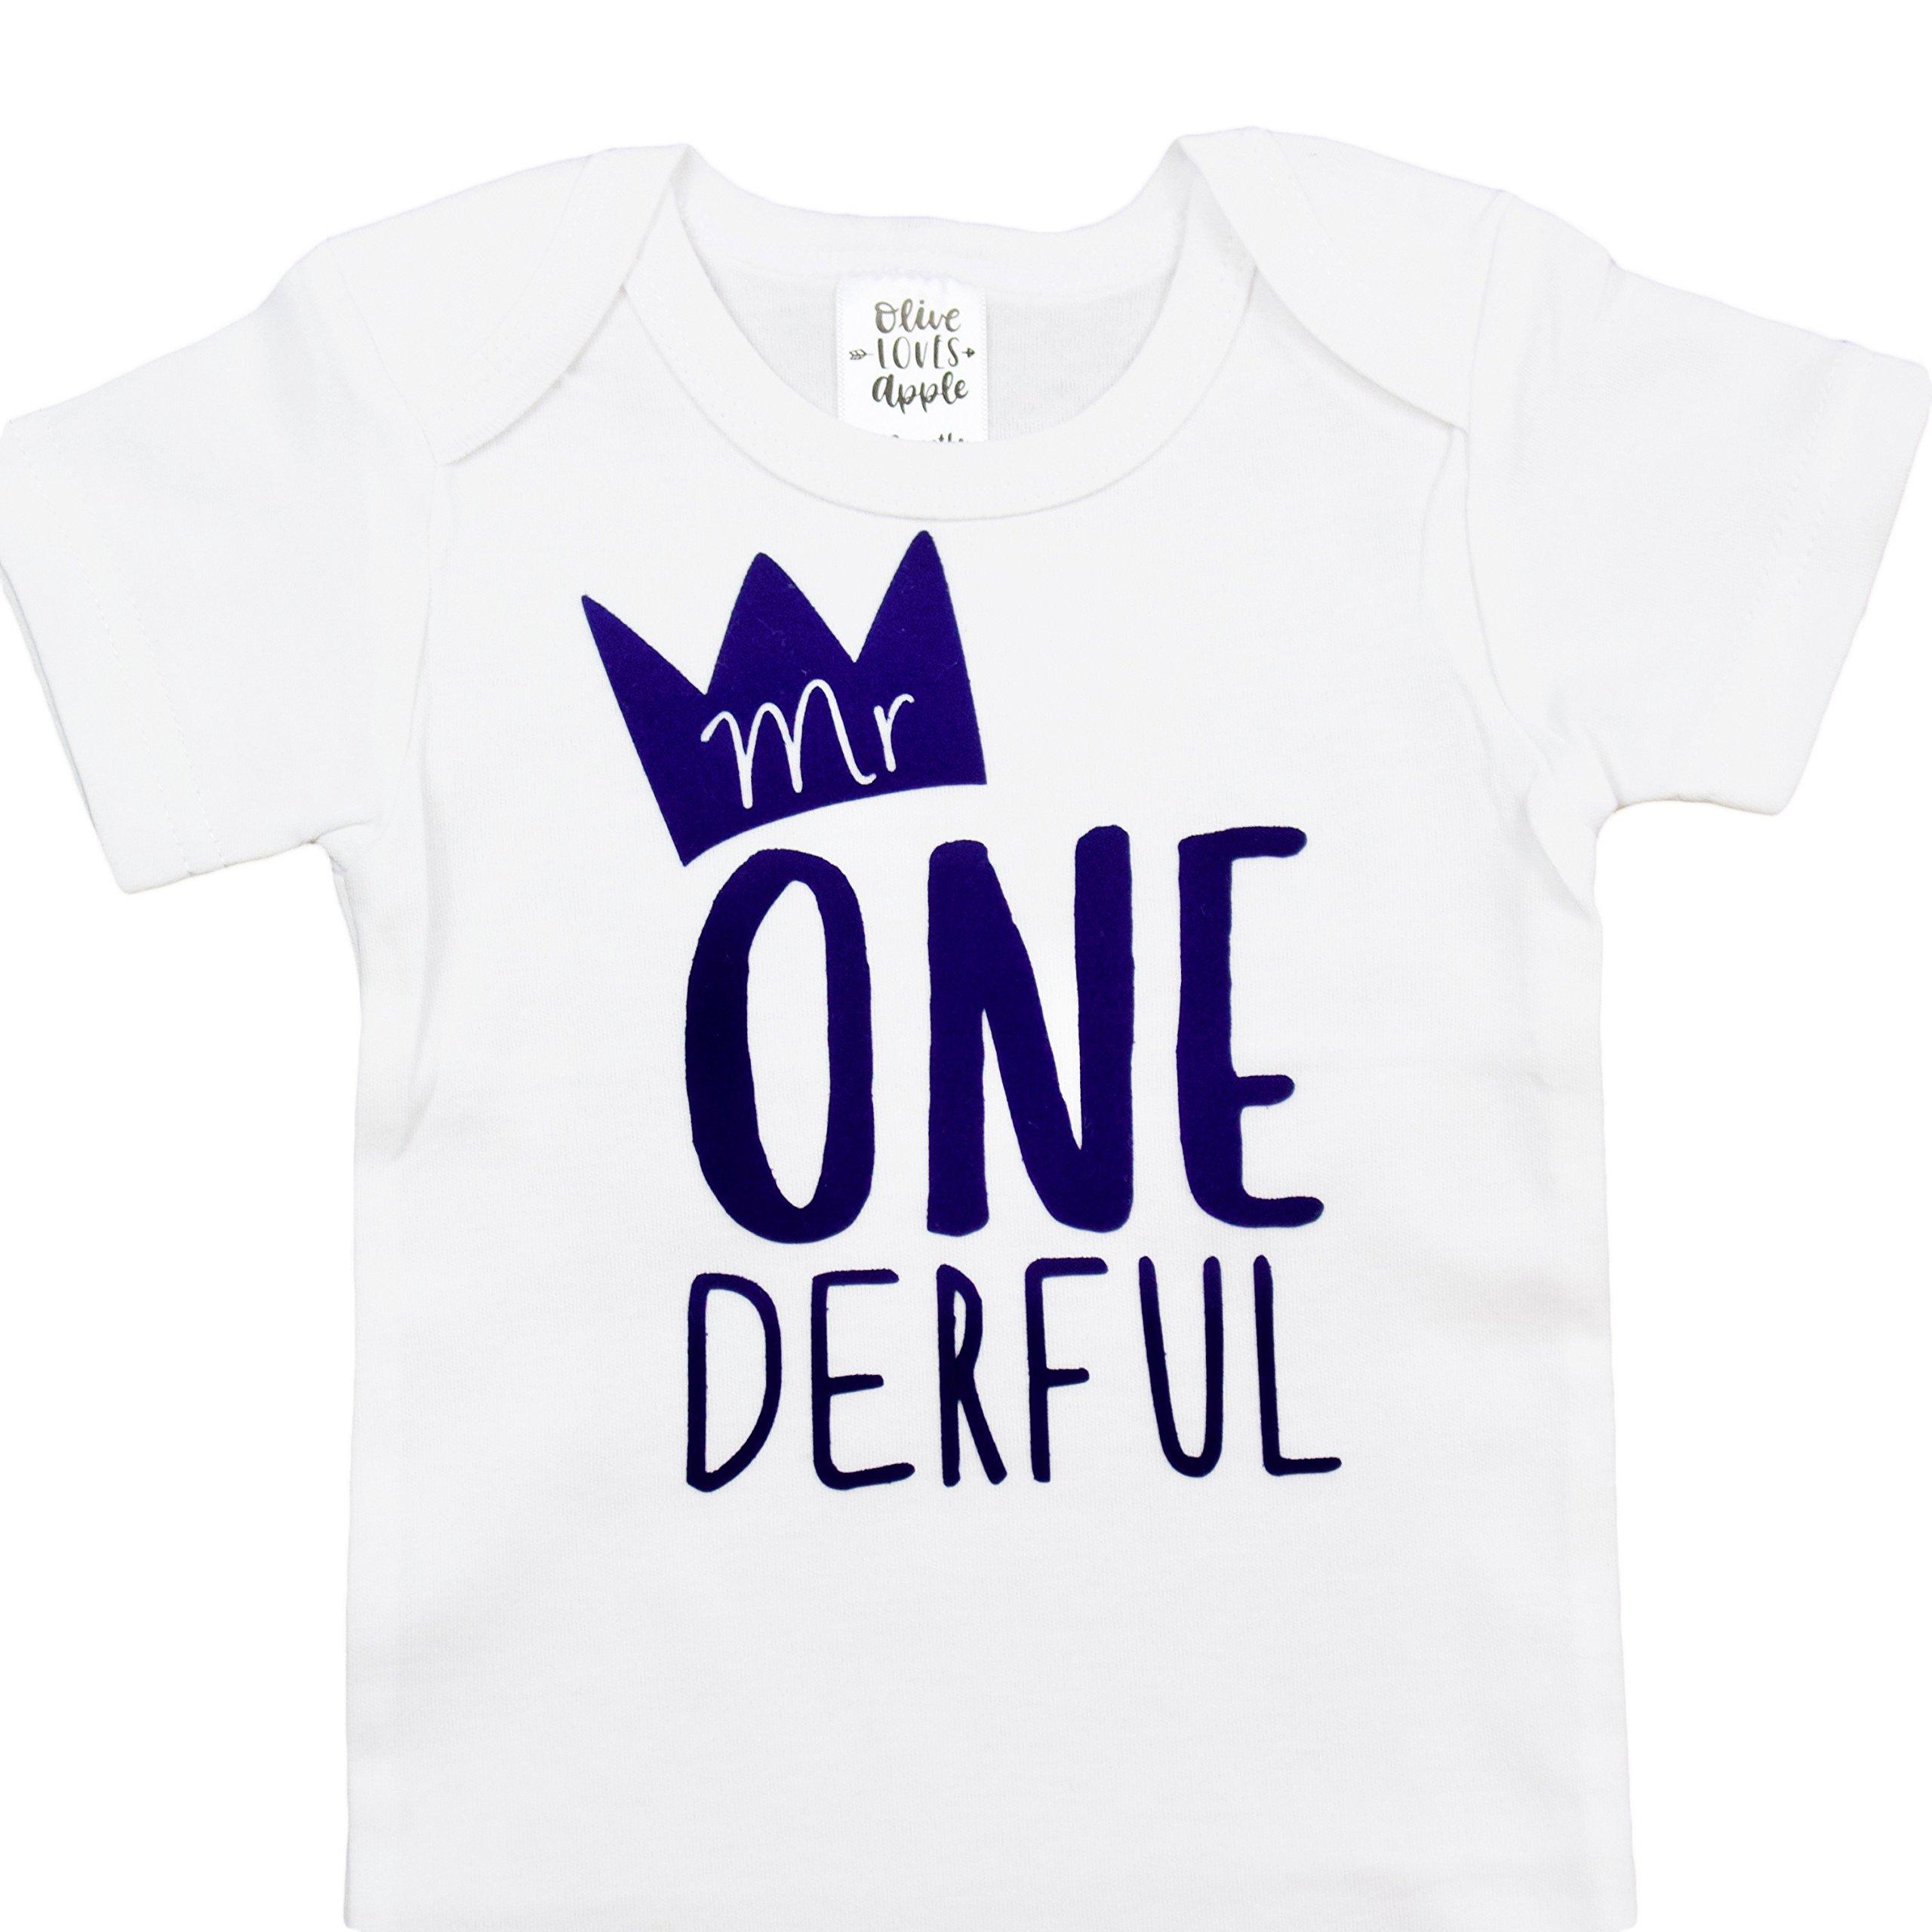 Mr One-Derful Baby Boys 1st Birthday Onesie First Birthday Onesie for Boys Royal Blue